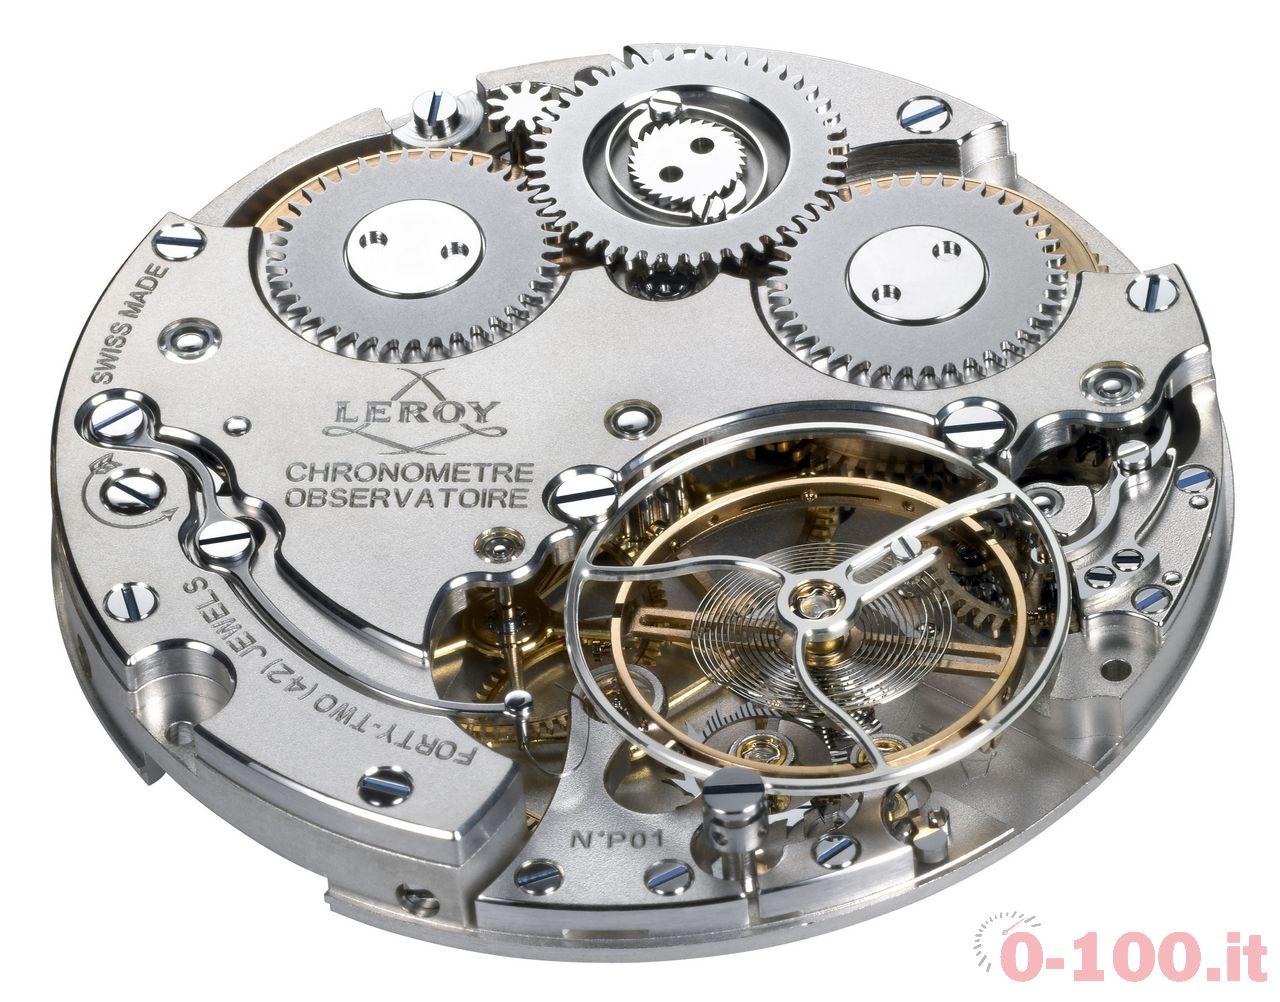 watch-2015-leroy-chronometre-observatoire-piece-unique-watch_0-1002